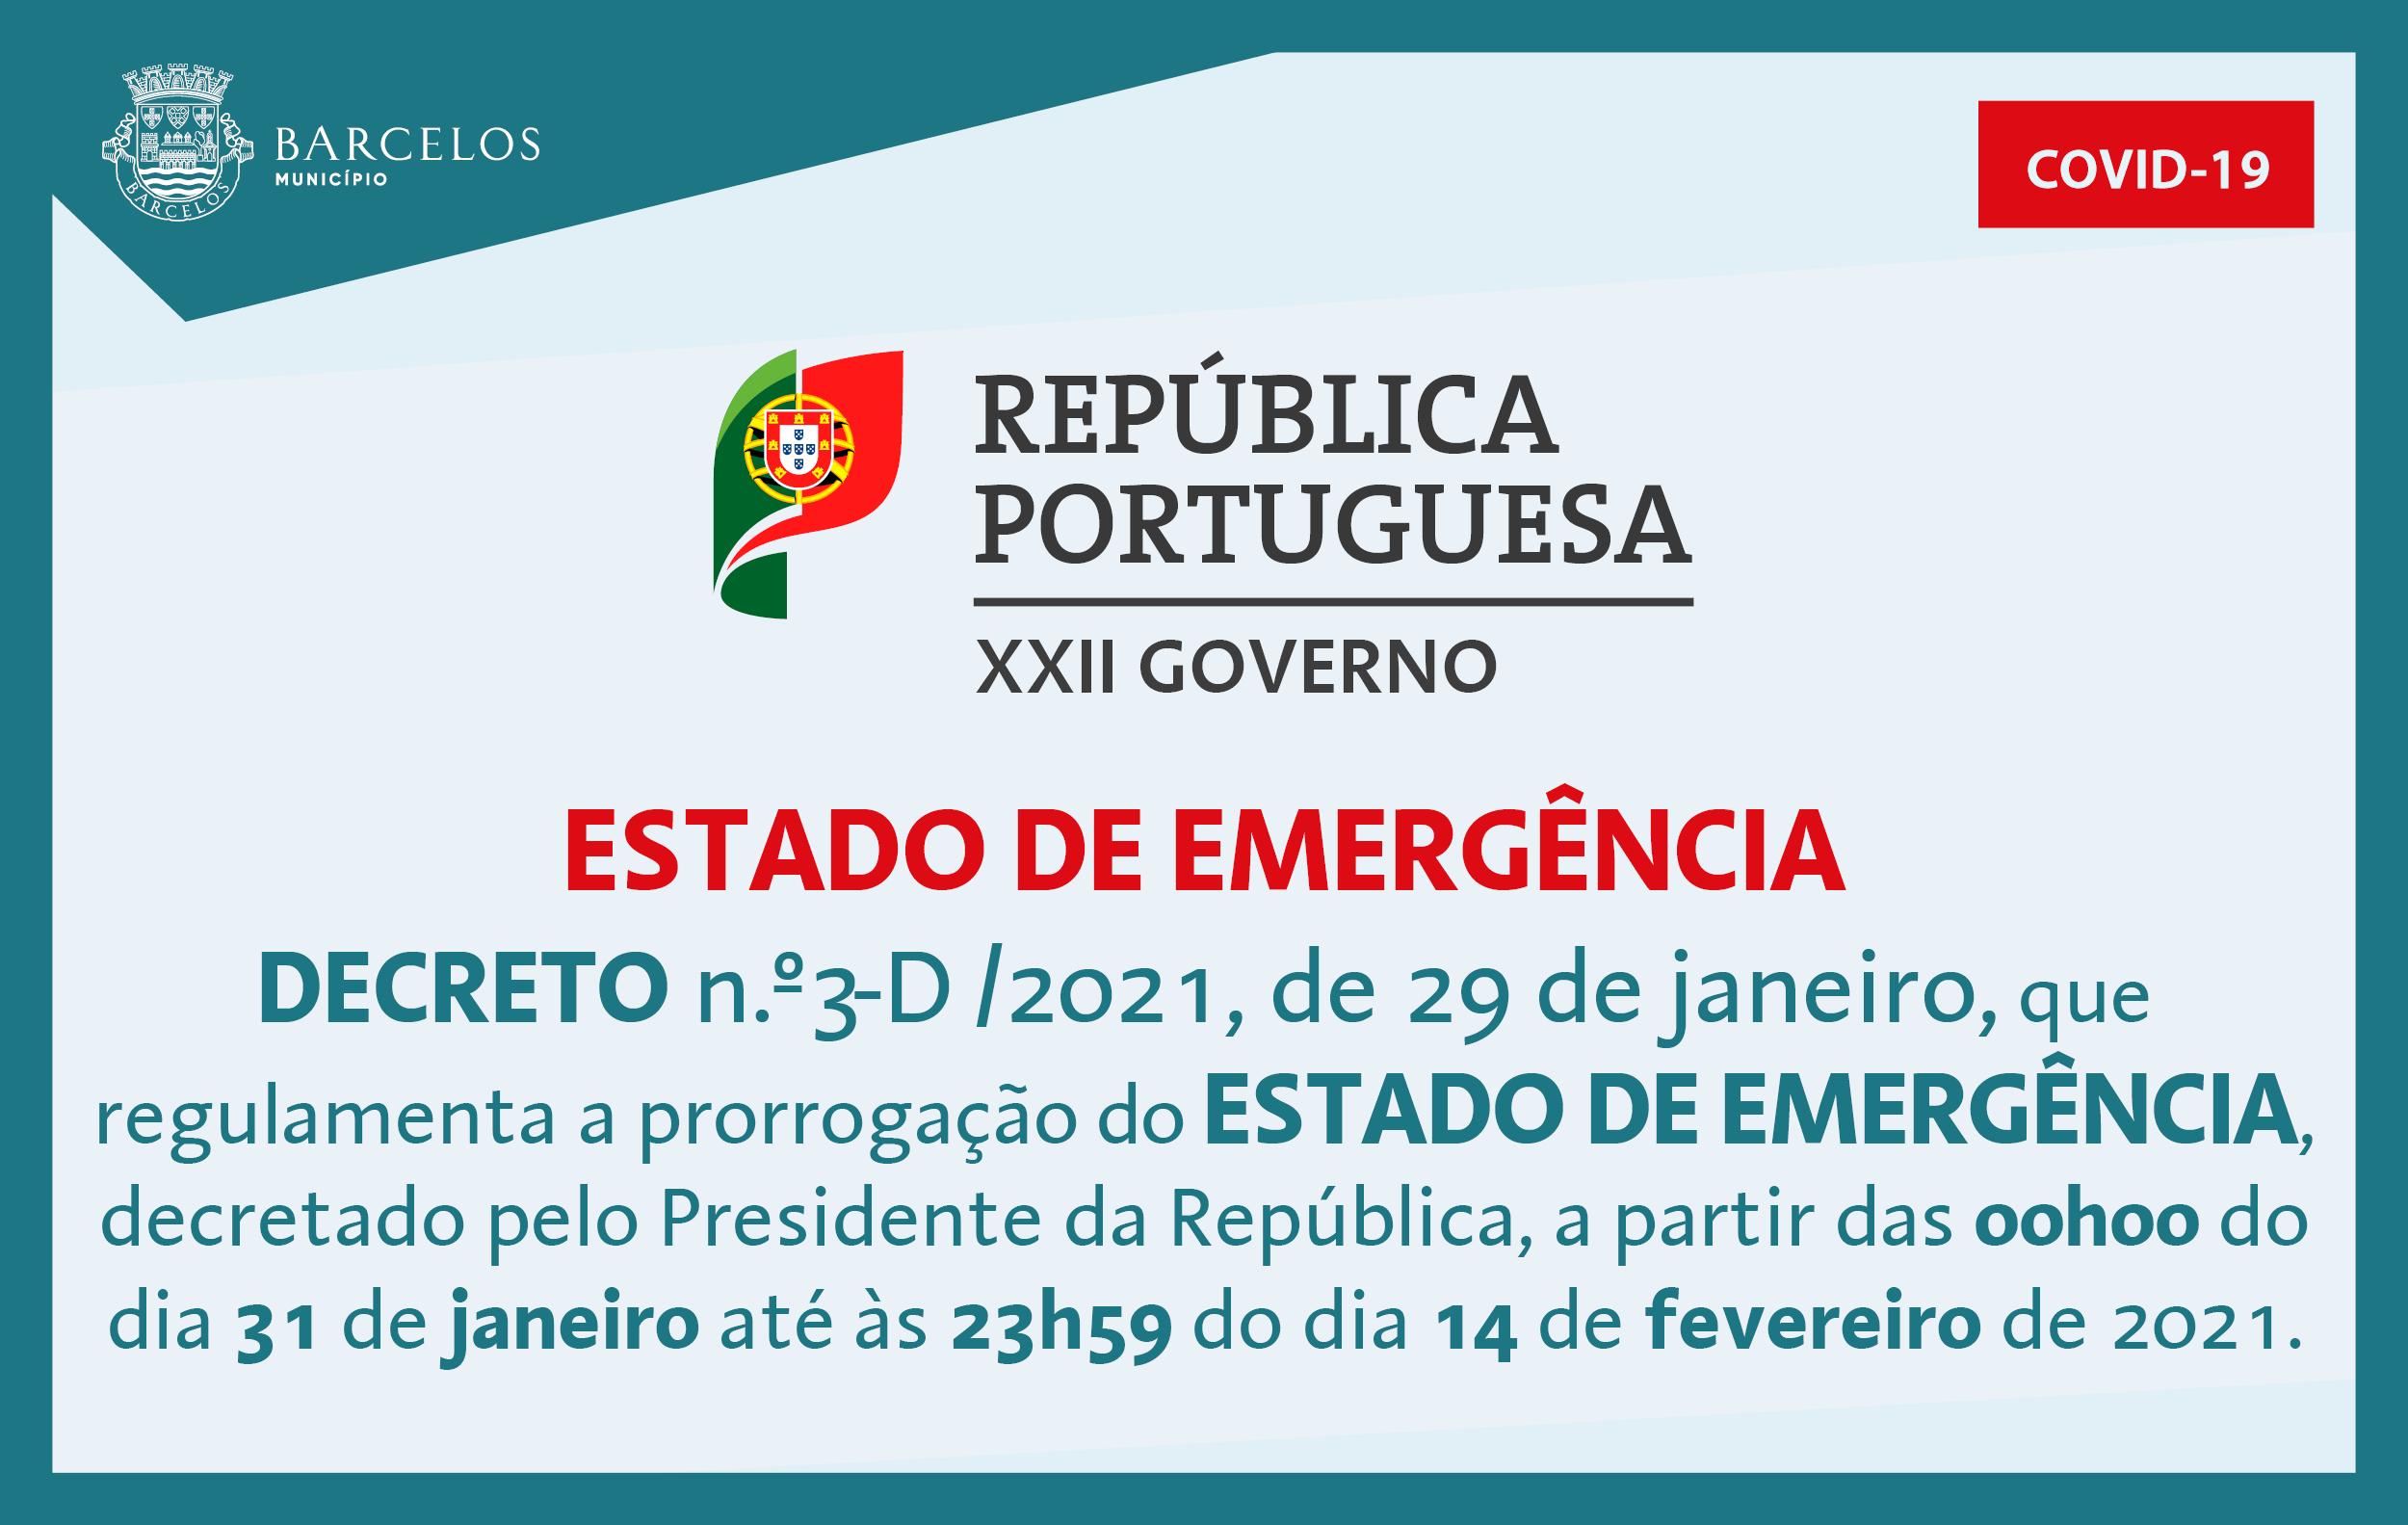 Decreto n.º3-D/2021, de 29 de janeiro, que regulamenta e prorrogação do Estado de Emergência